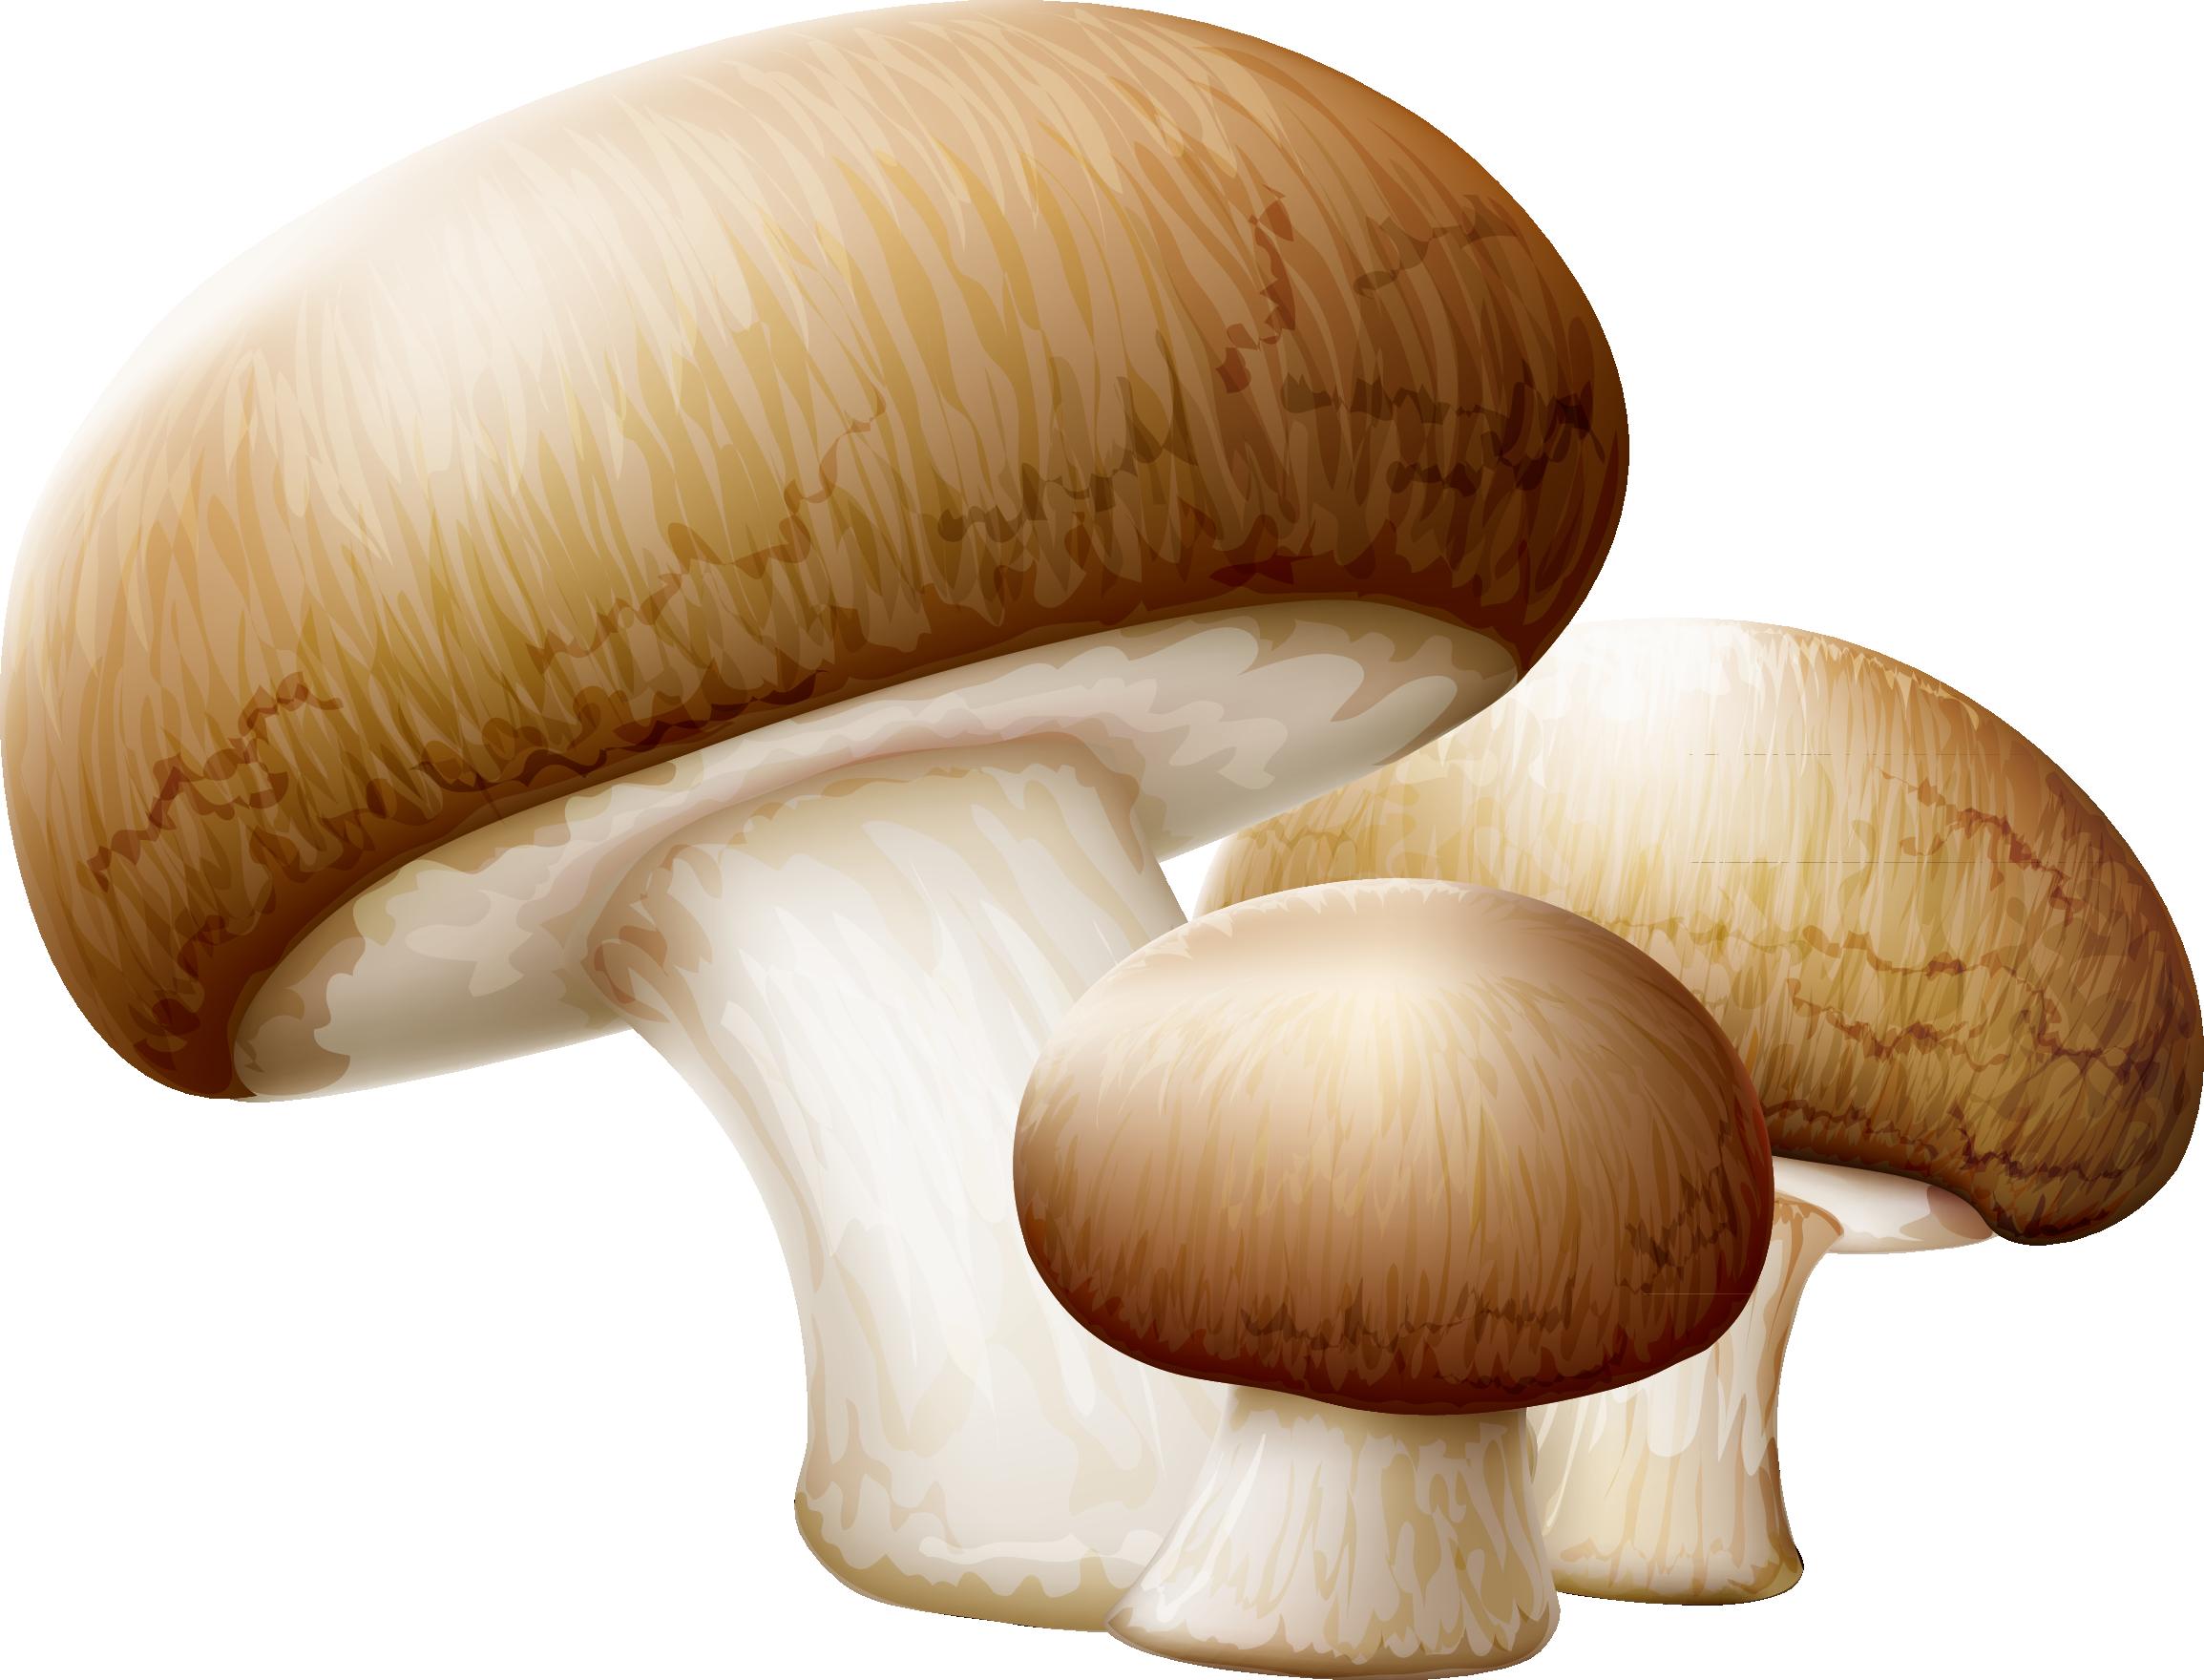 Mushroom clipart edible mushroom, Mushroom edible mushroom.